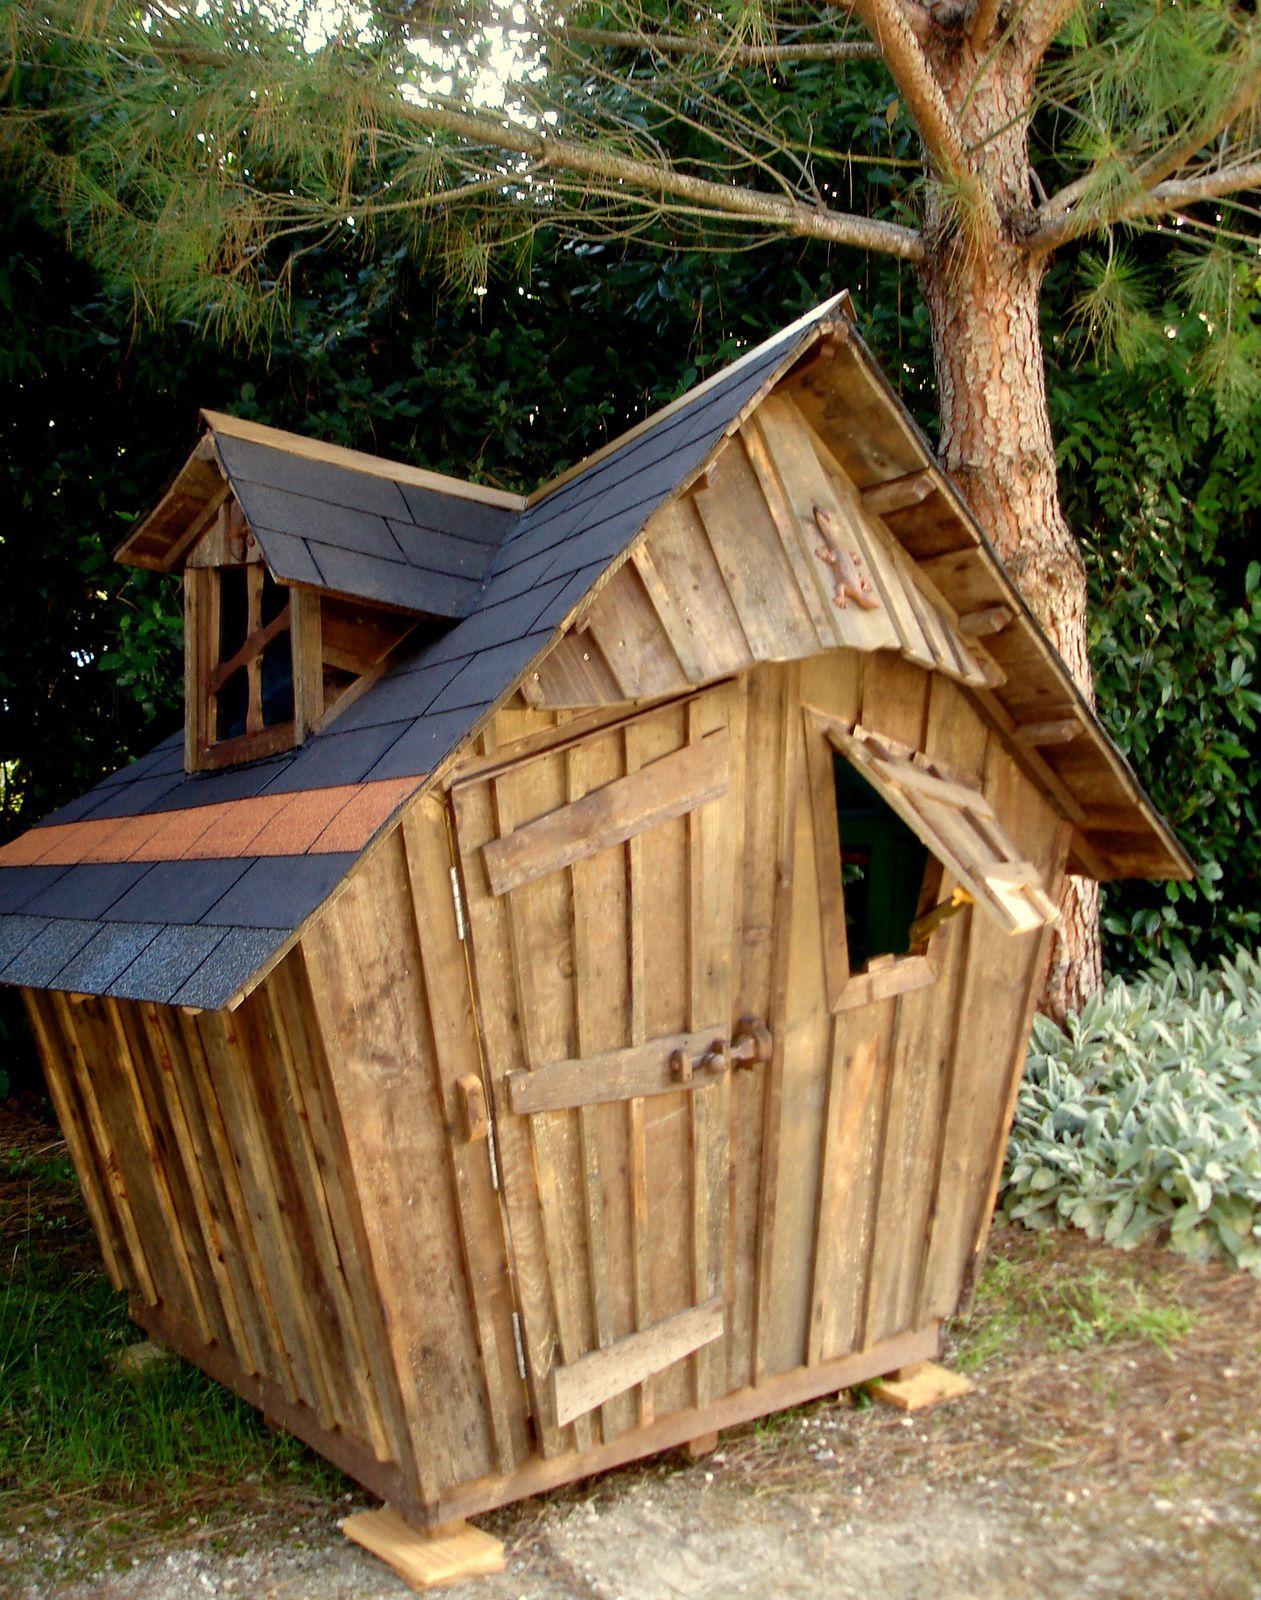 la cabane en bois l zarde vieille dehors et jeune dedans cabanes en bois petite cabane et. Black Bedroom Furniture Sets. Home Design Ideas